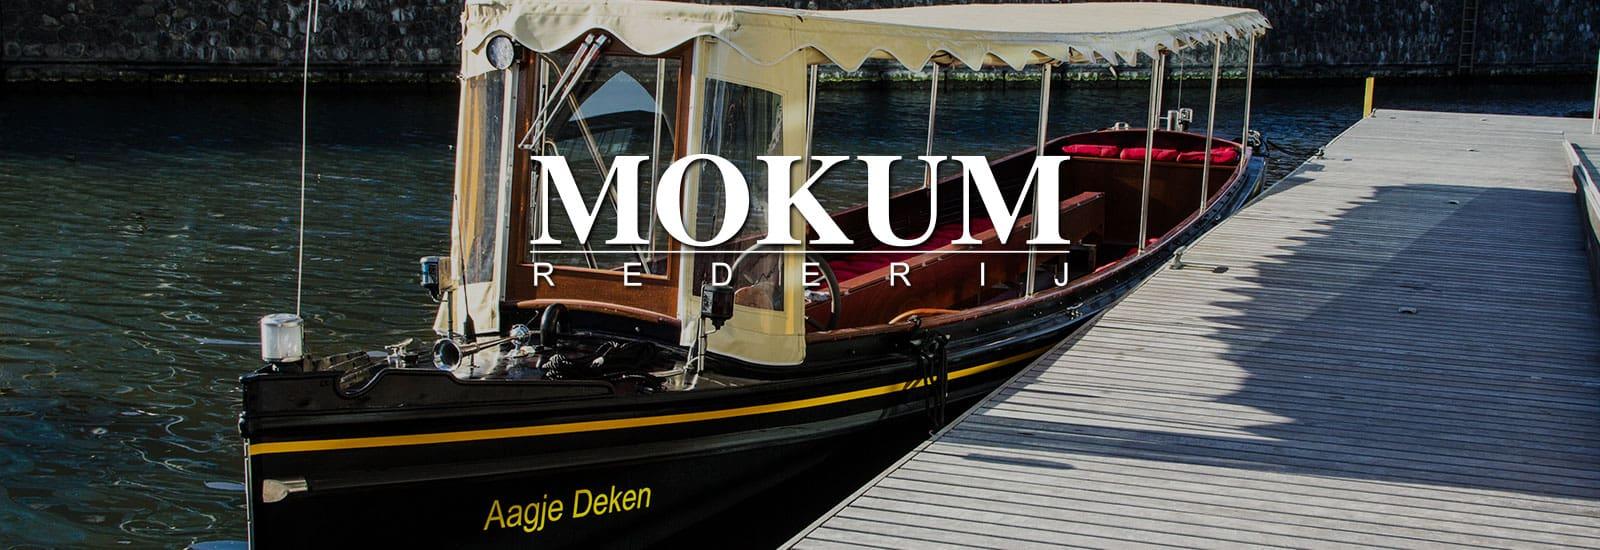 Salonboot Aagje Deken - Huur een electrische boot Amsterdam